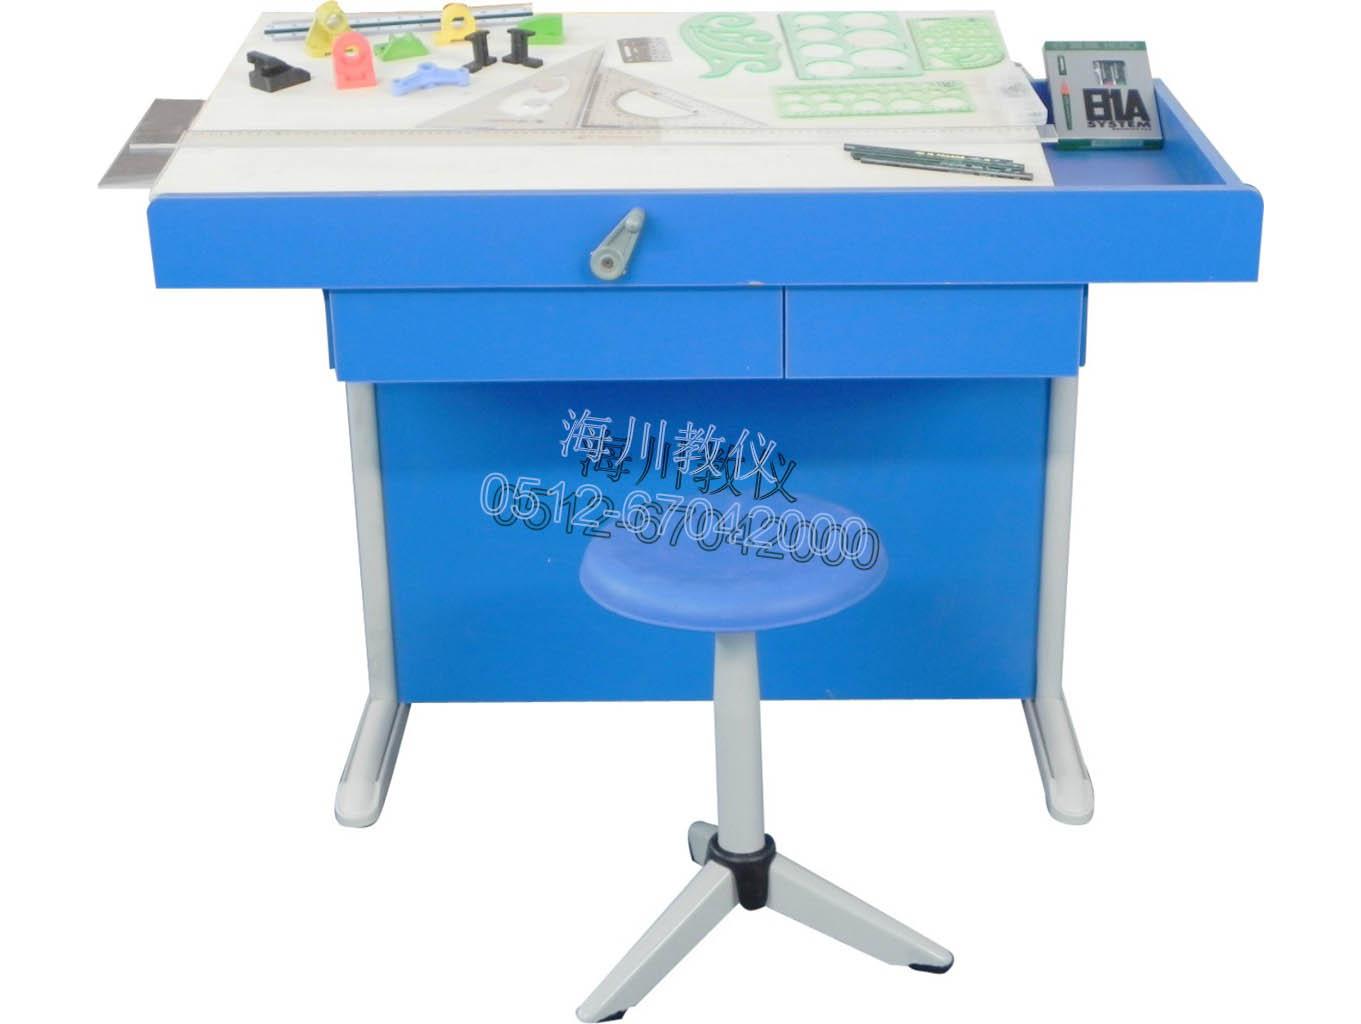 钢木结构工程绘图桌产品图片